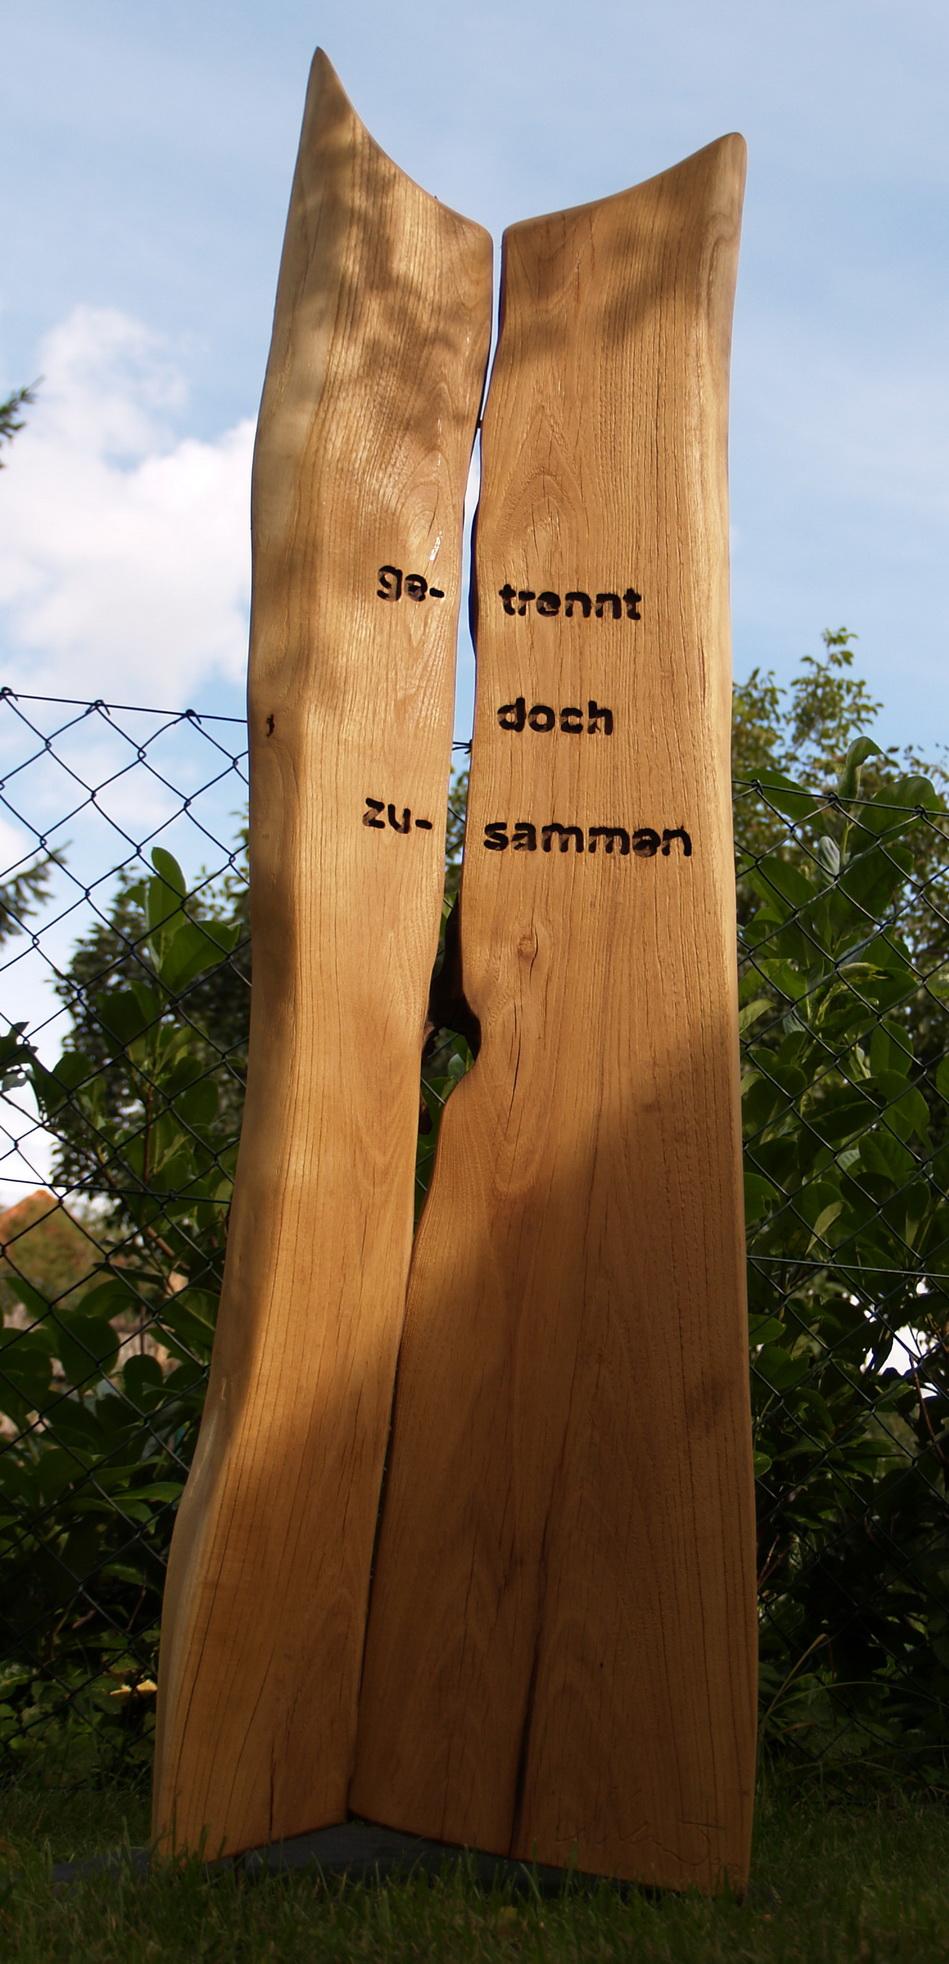 Grabmal - Holzstele zum Gedenken an die Verstorbenen.